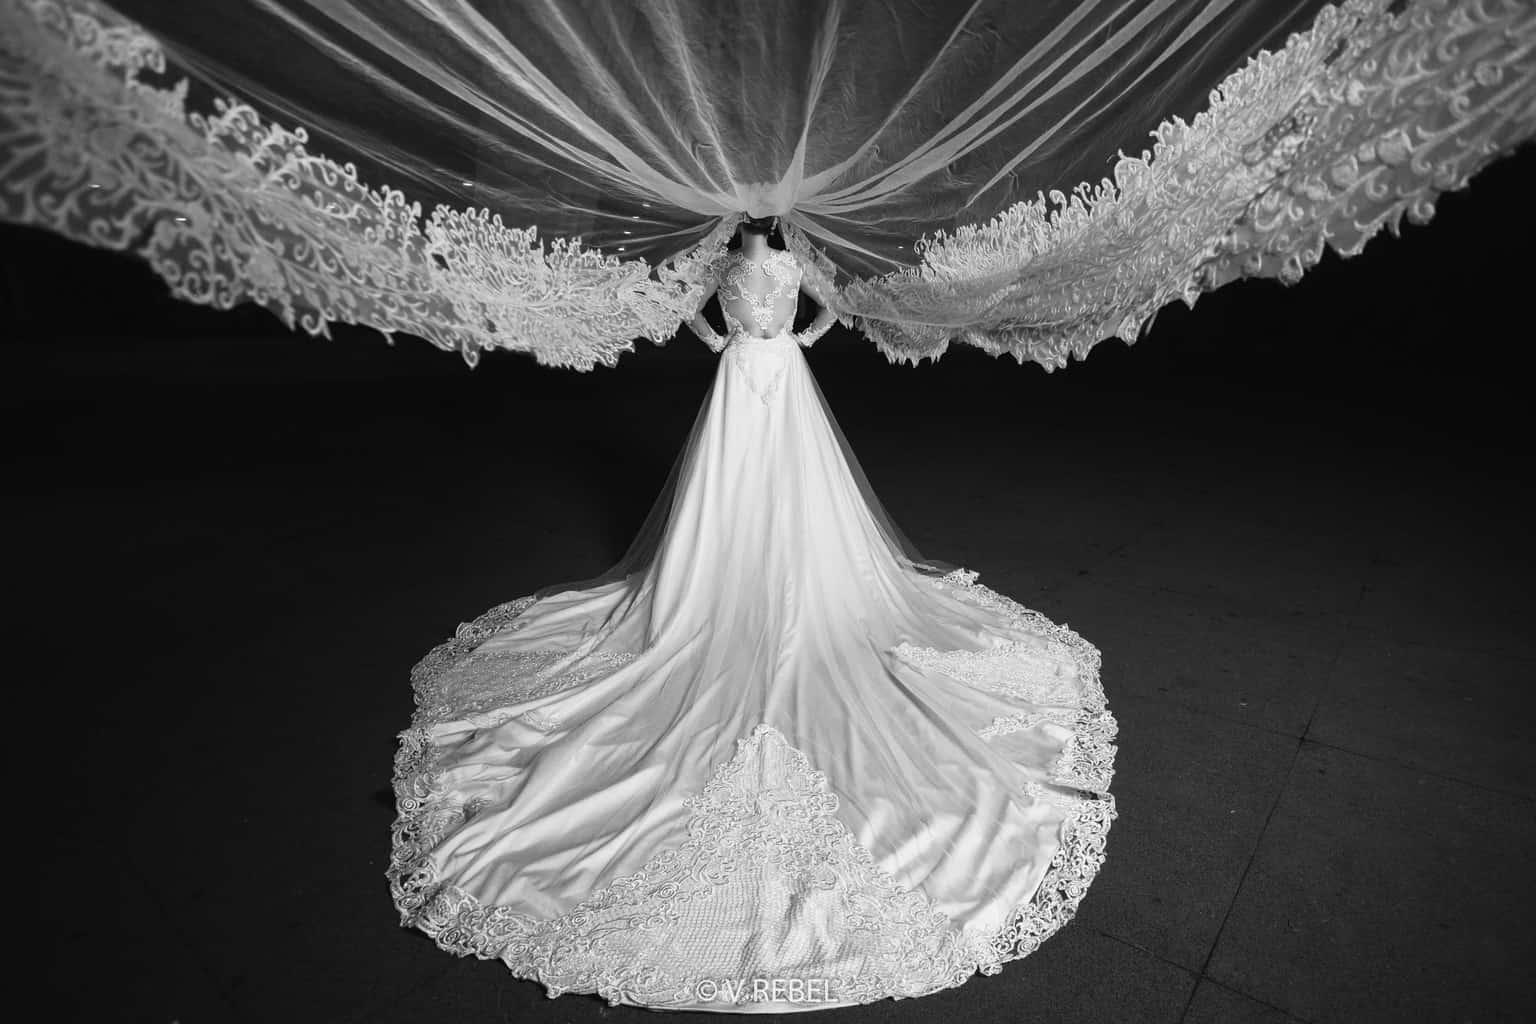 casamento-Caroline-e-Breno-casamento-clássico-foto-da-noiva-fotografia-VRebel70